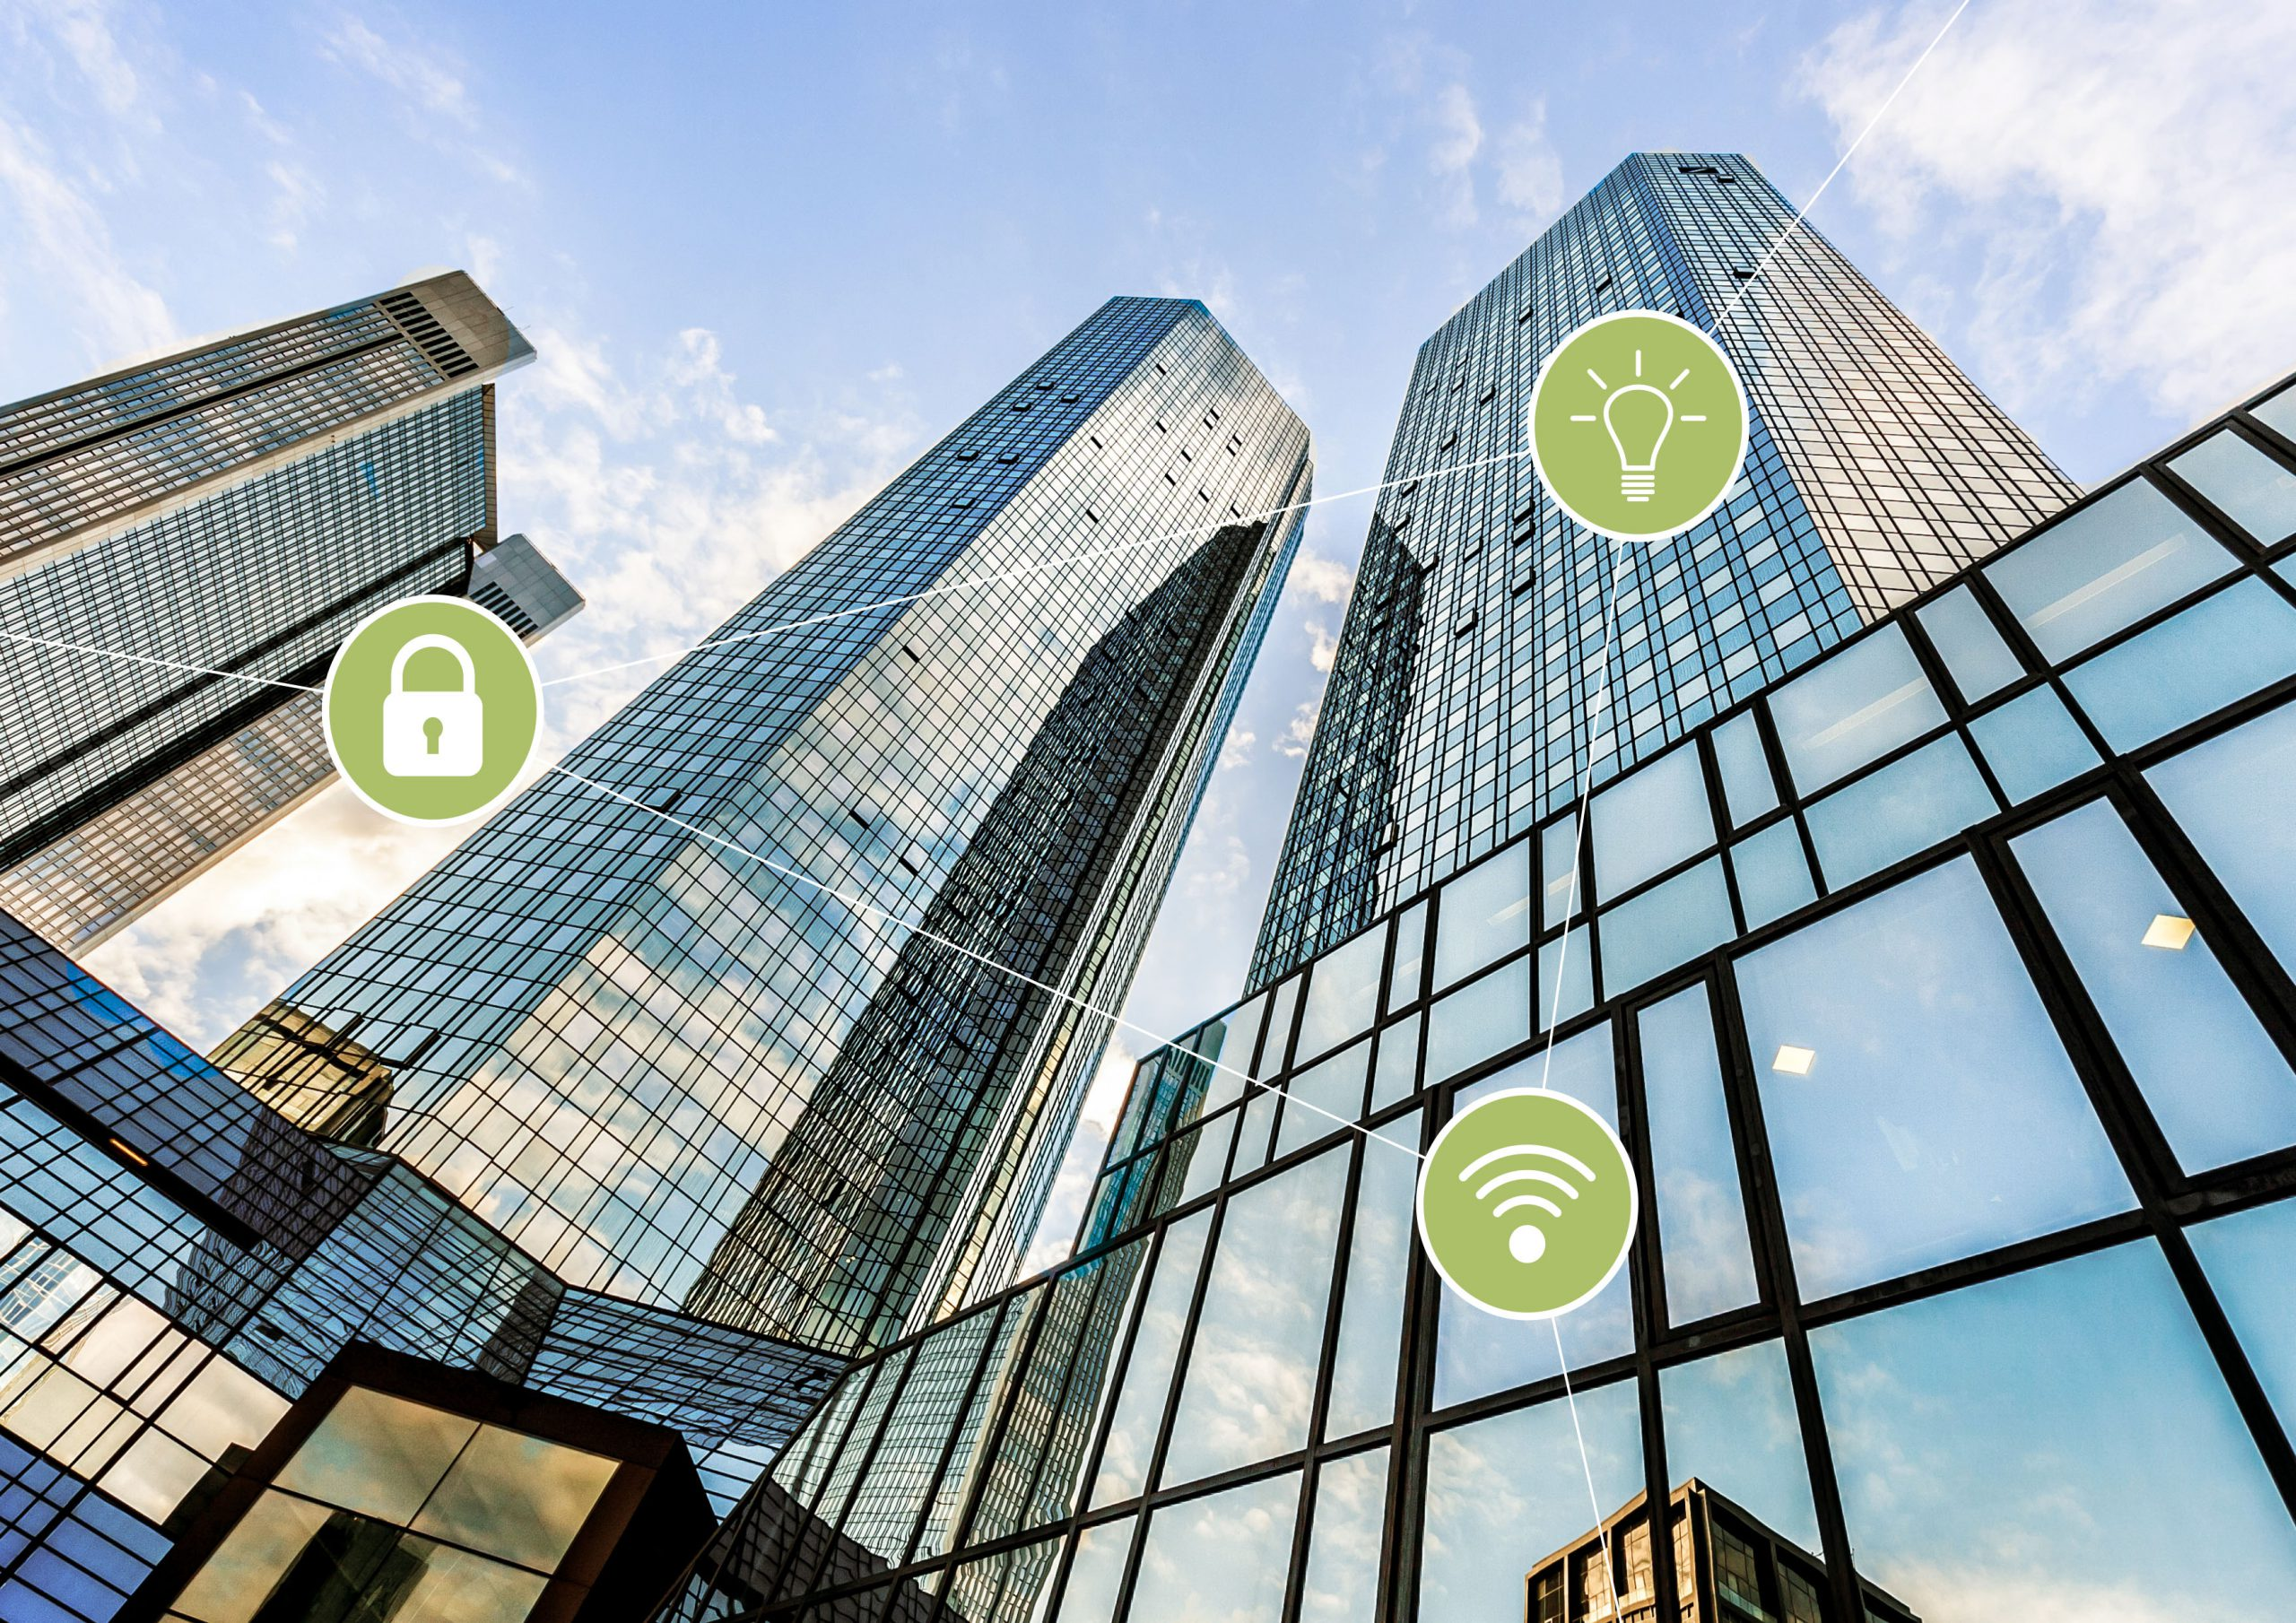 Smart building at Infineon